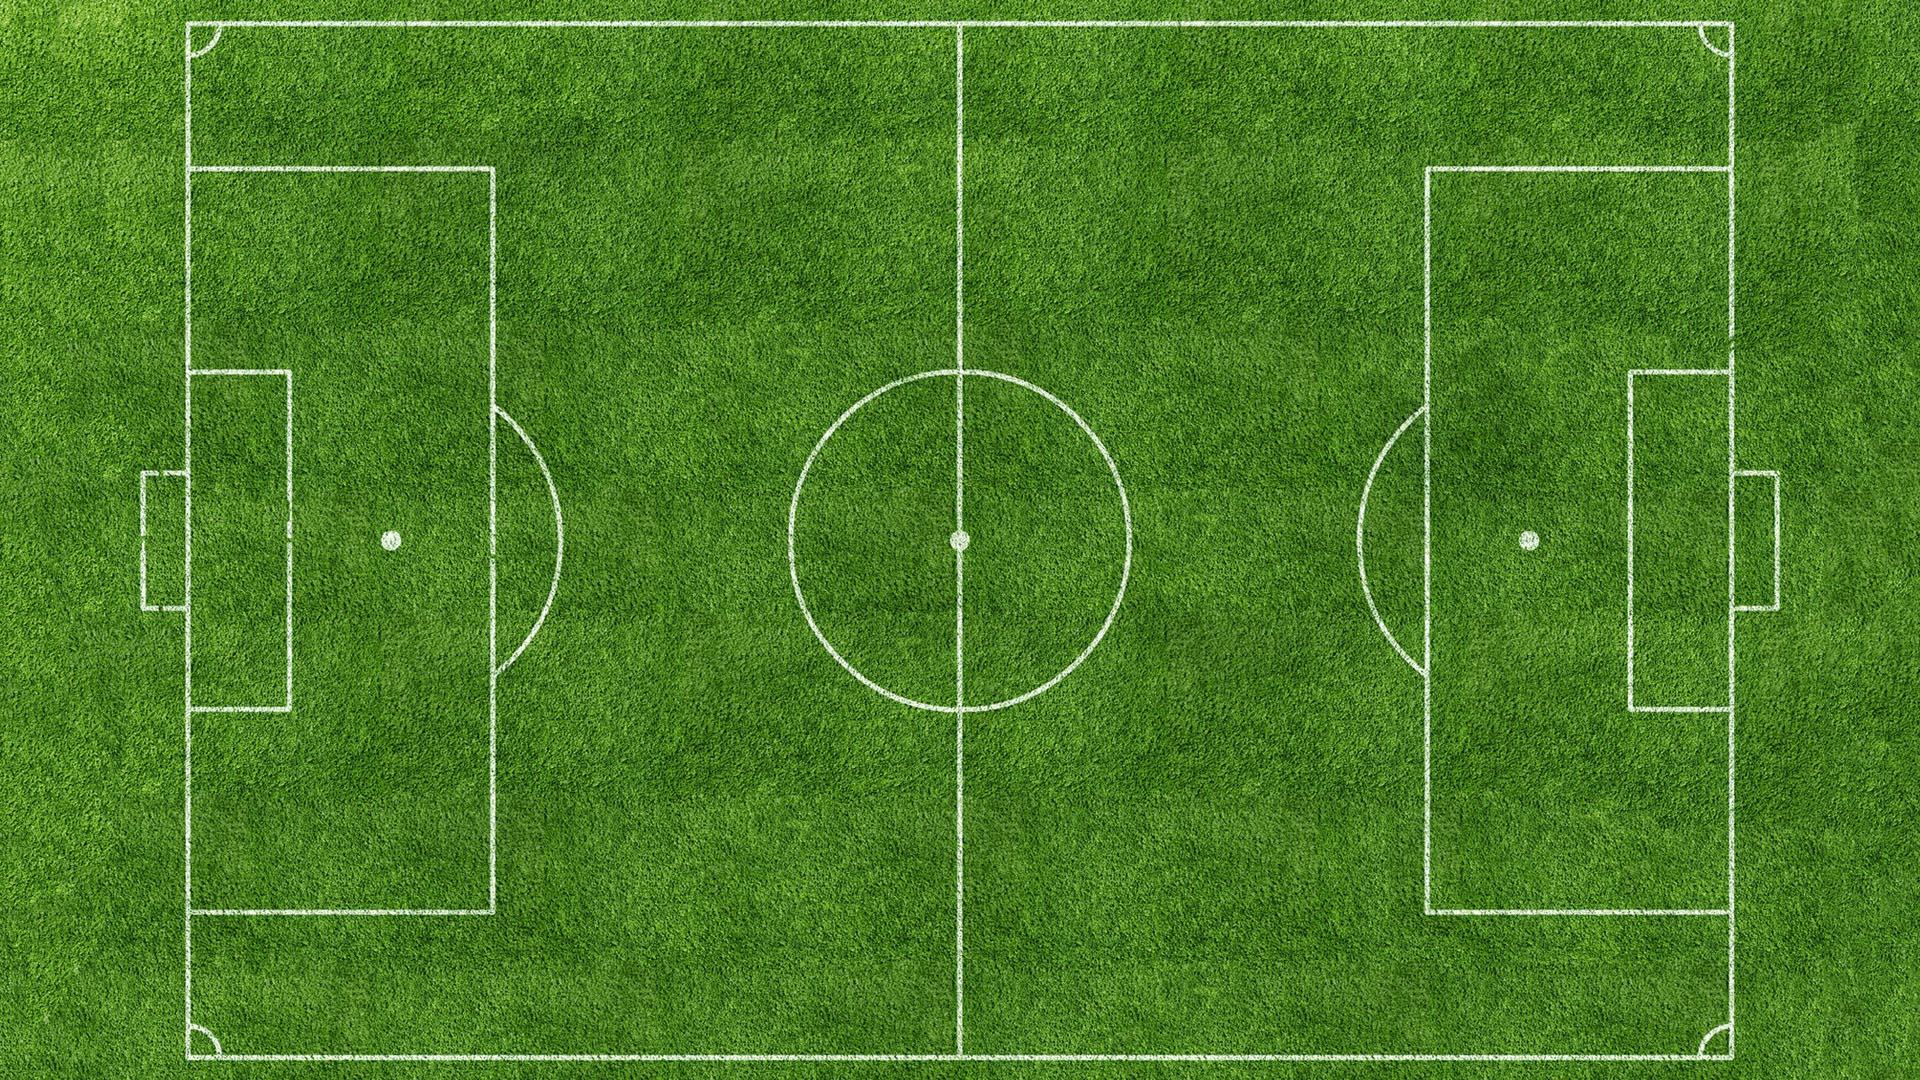 Soccer Field HD Wallpaper FullHDWpp   Full HD Wallpapers 1920x1080 1920x1080